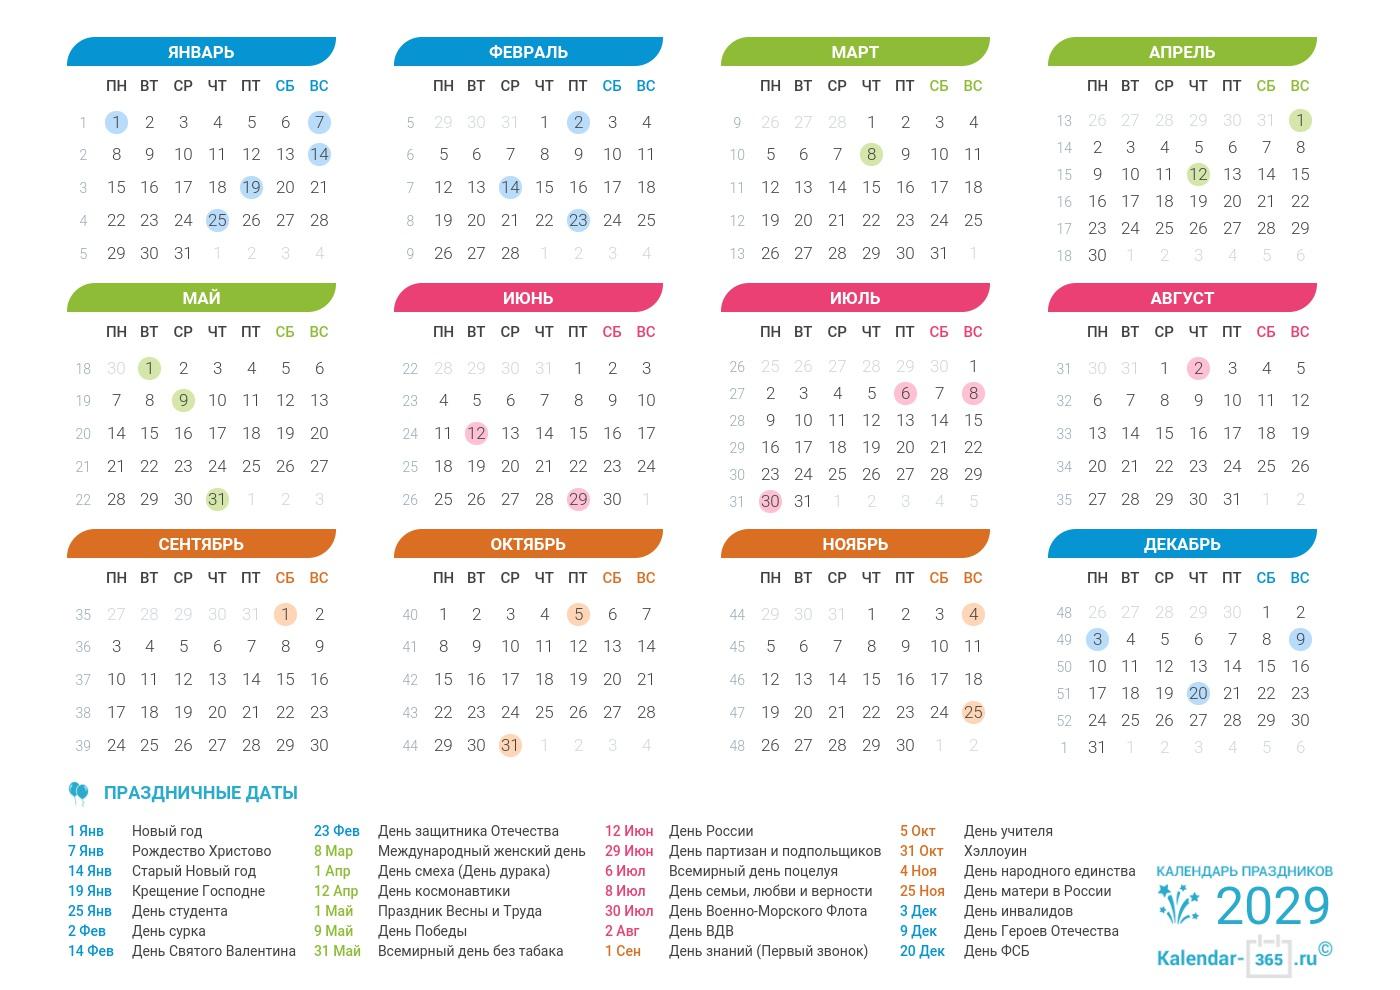 Календарь на 2029 год